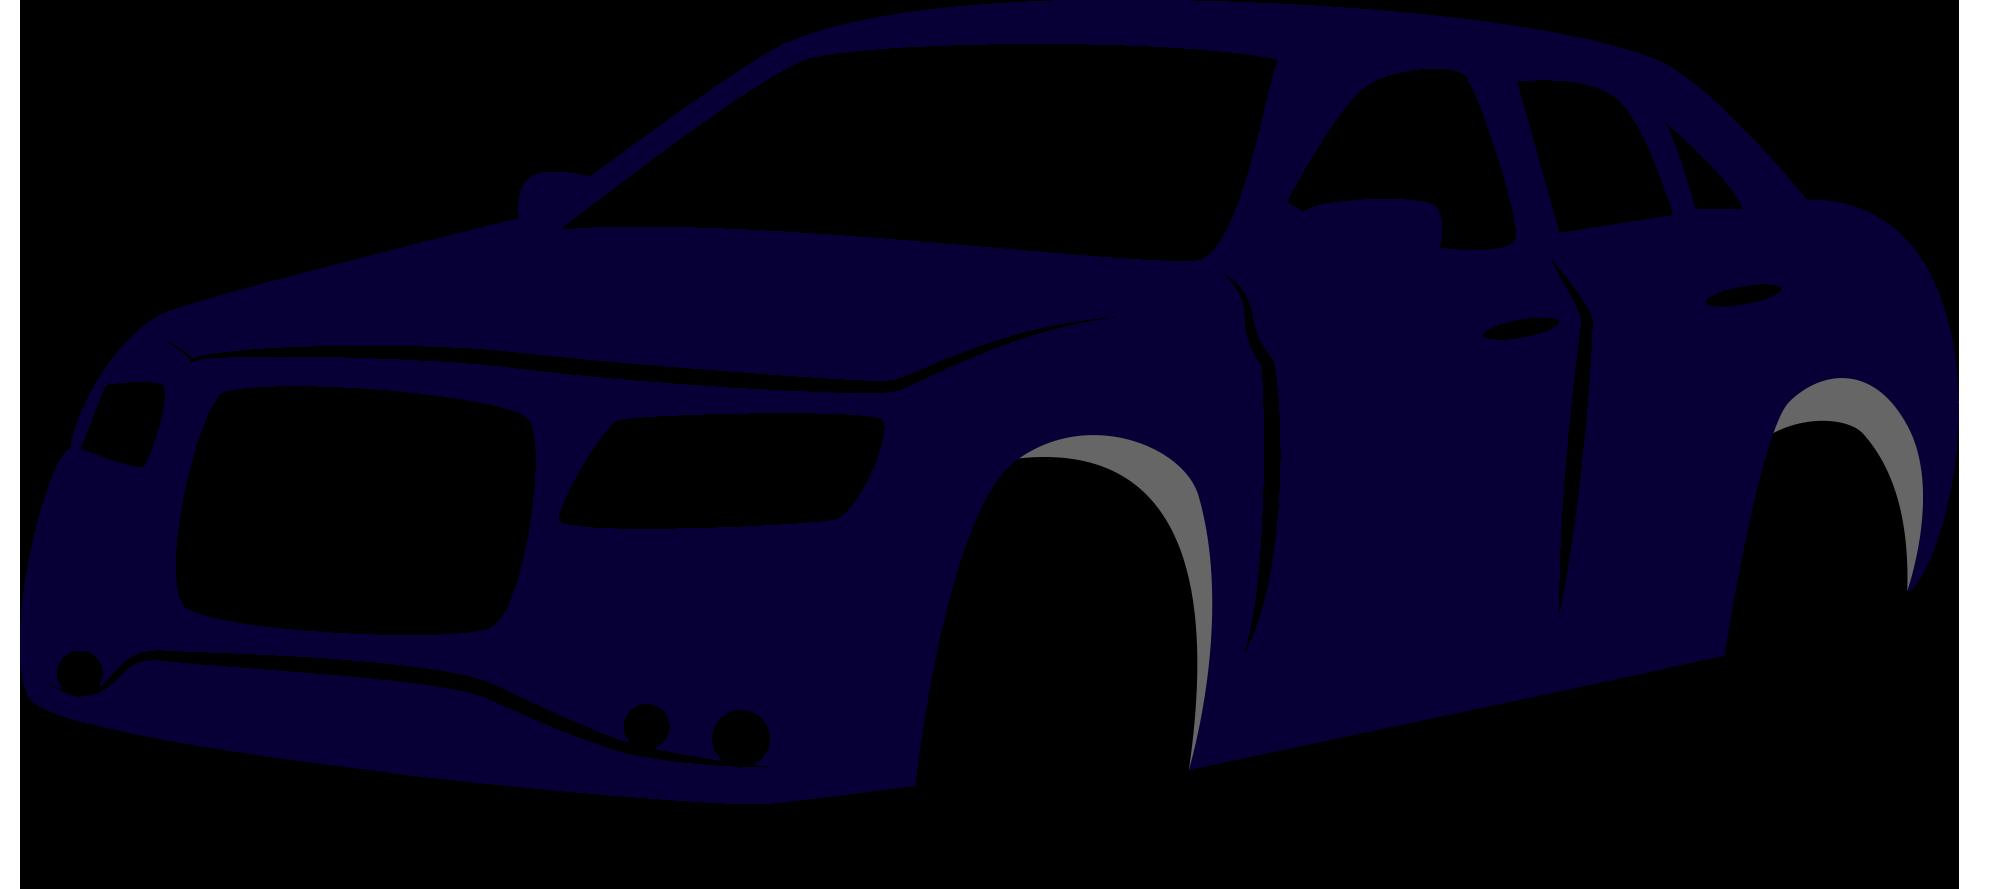 Jet clipart car. Low interest rate auto